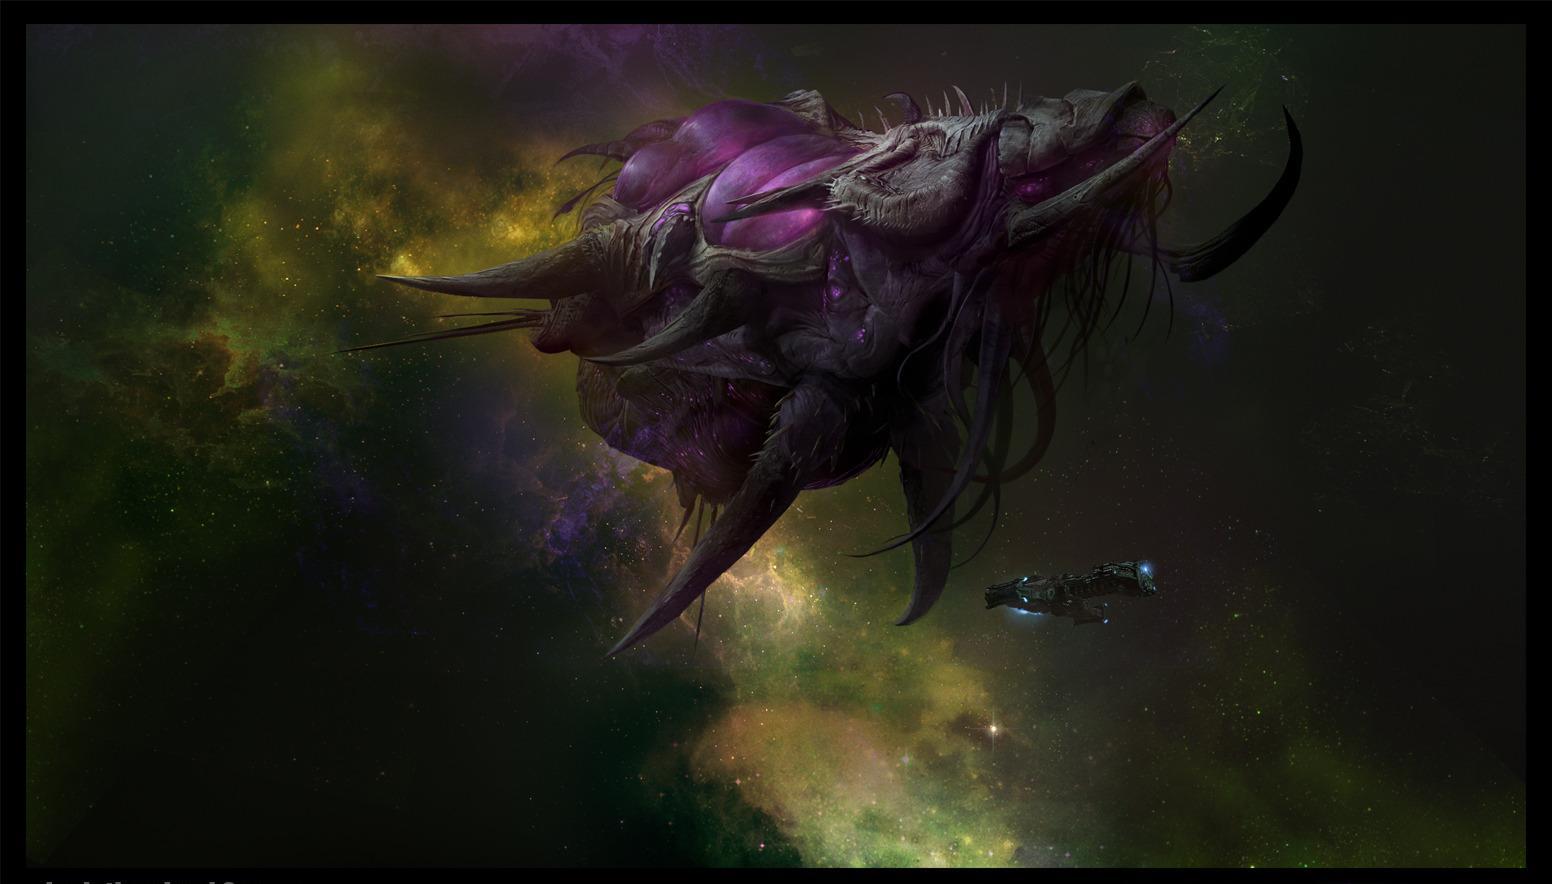 zerg swarm space